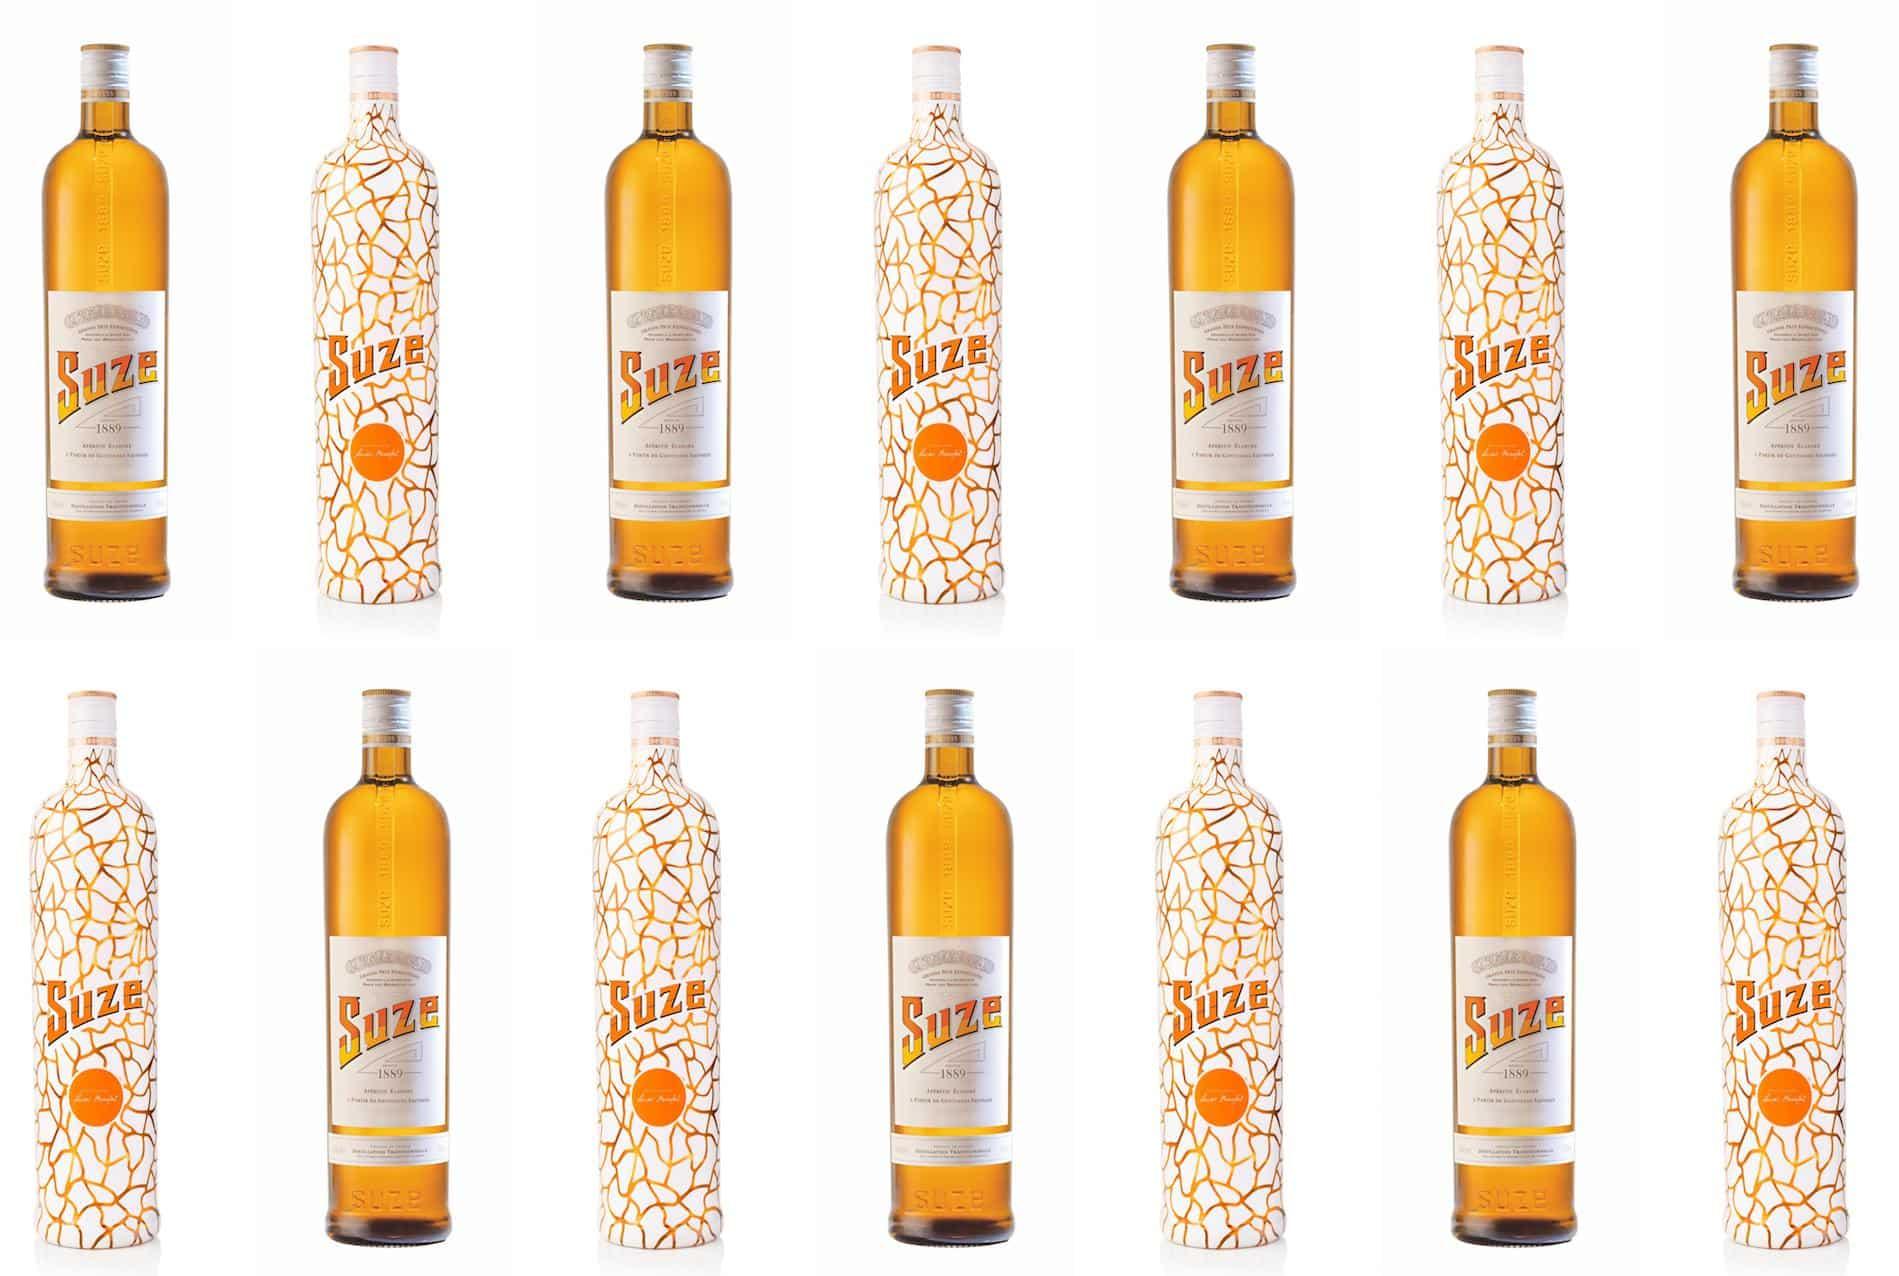 des bouteilles suze